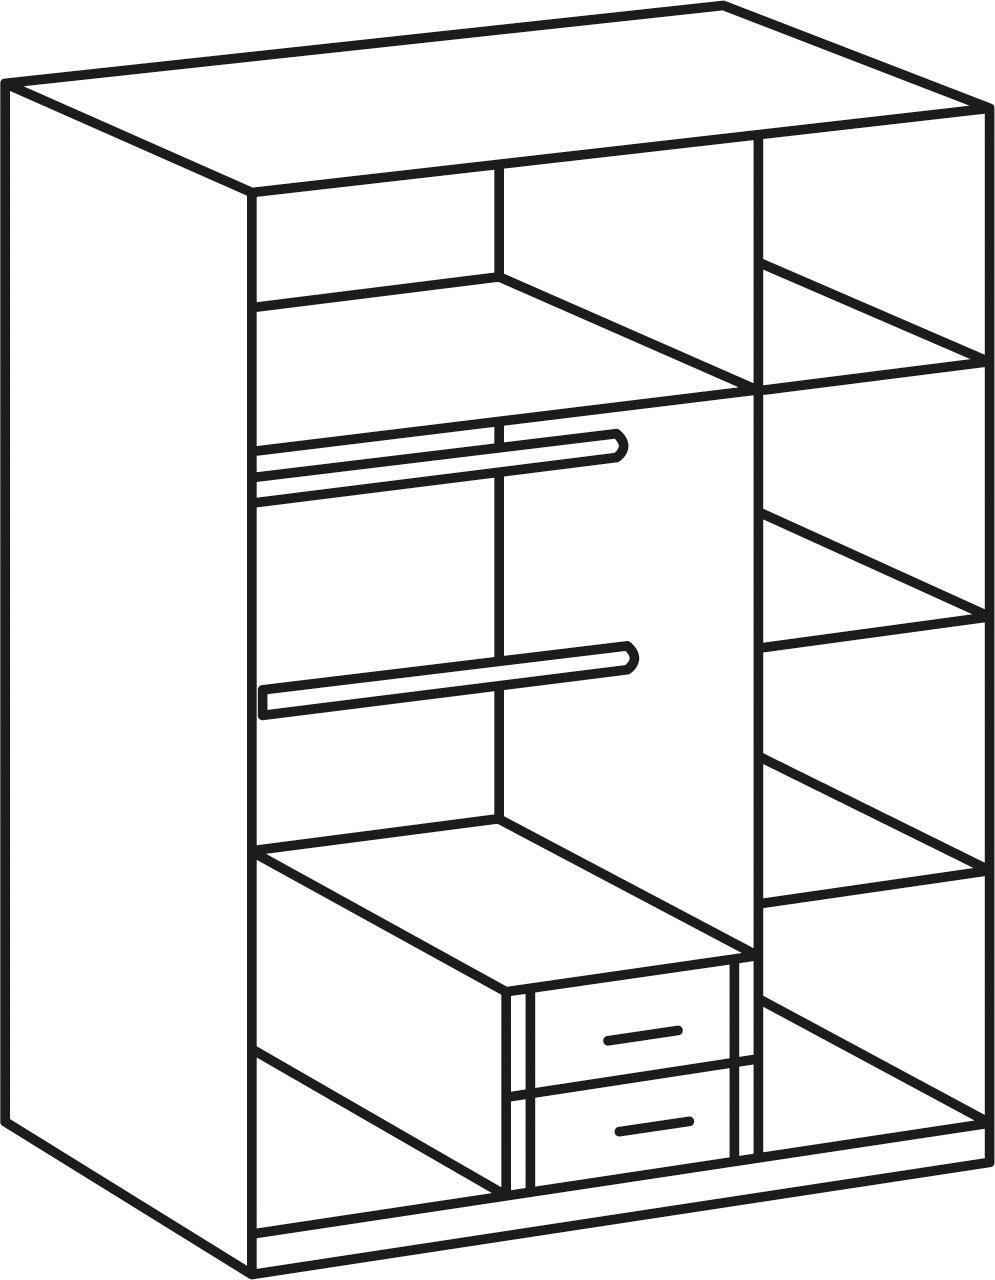 Wimex Jugendzimmer-Set Jalta (Set 3-tlg) | Kinderzimmer > Jugendzimmer > Komplett-Jugendzimmer | Weiß | Wimex